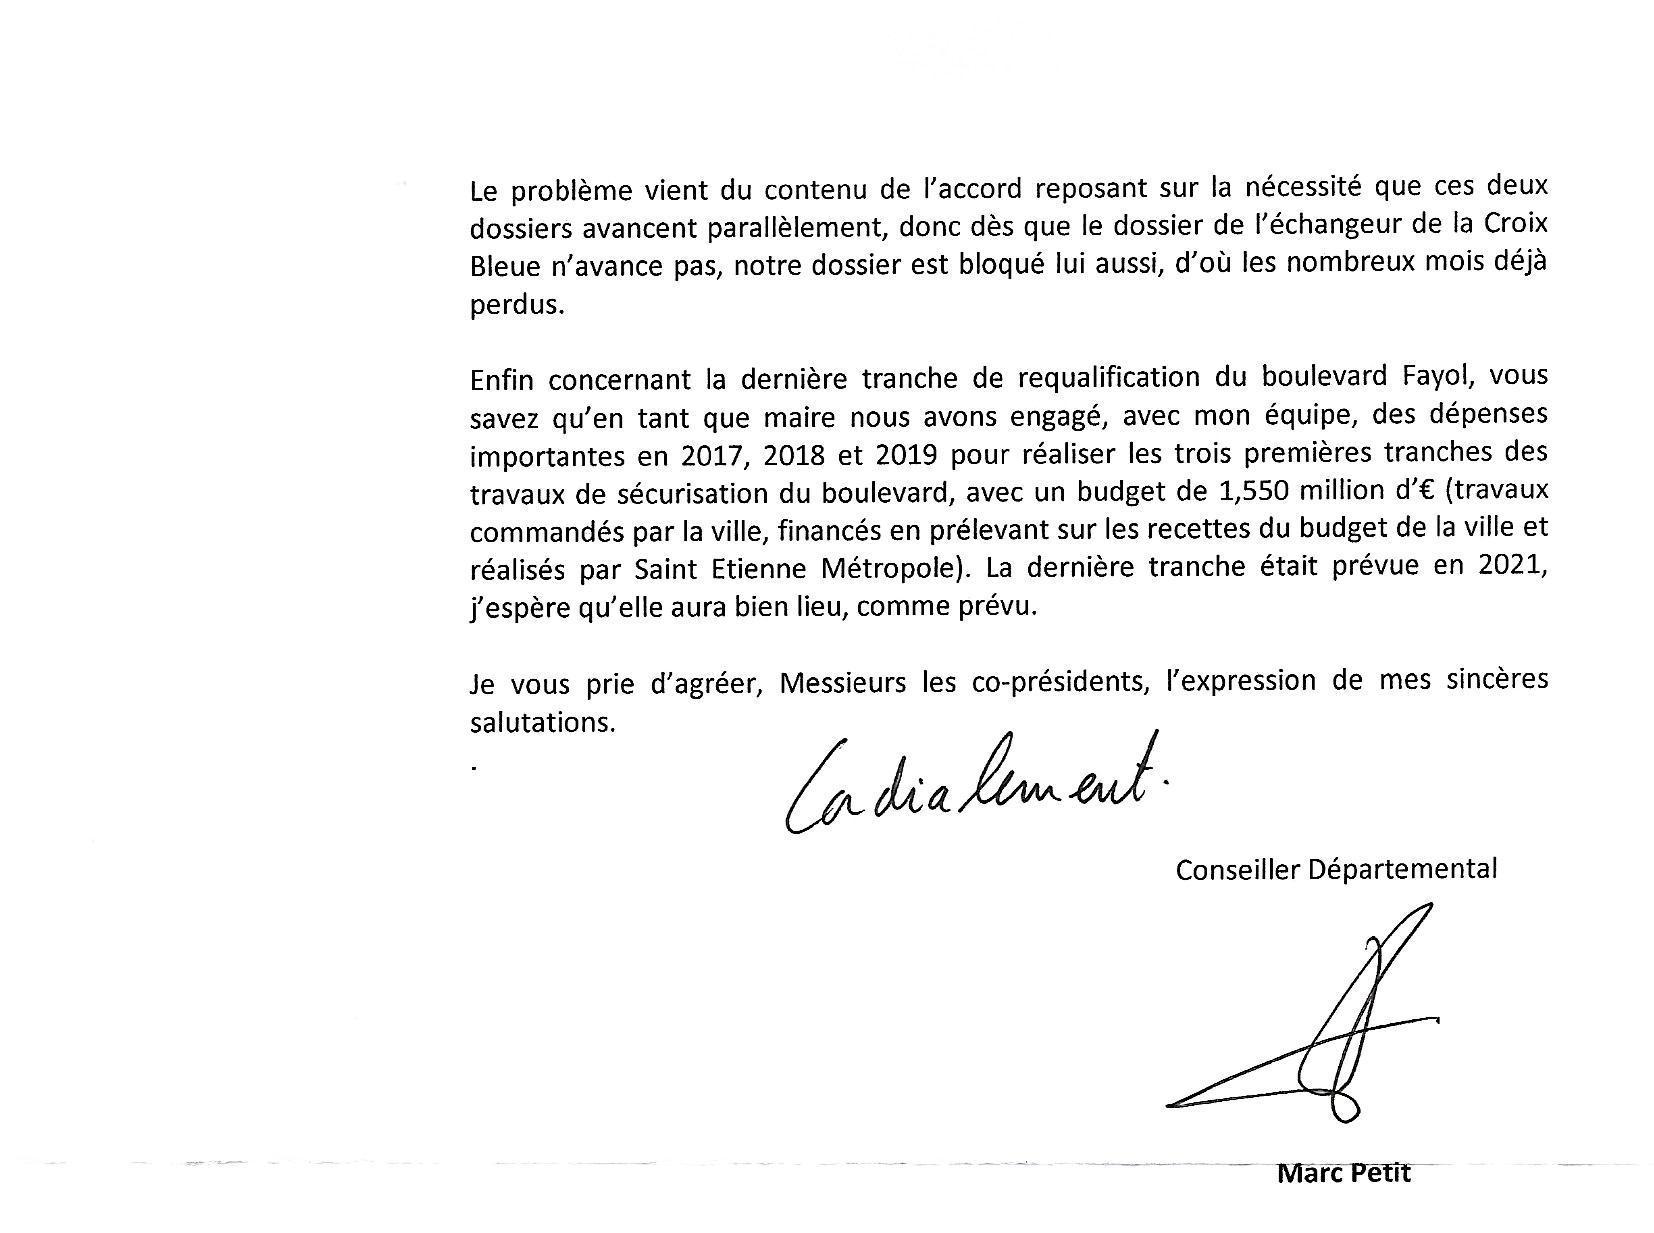 Courrier du Conseiller départemental Marc Petit p2